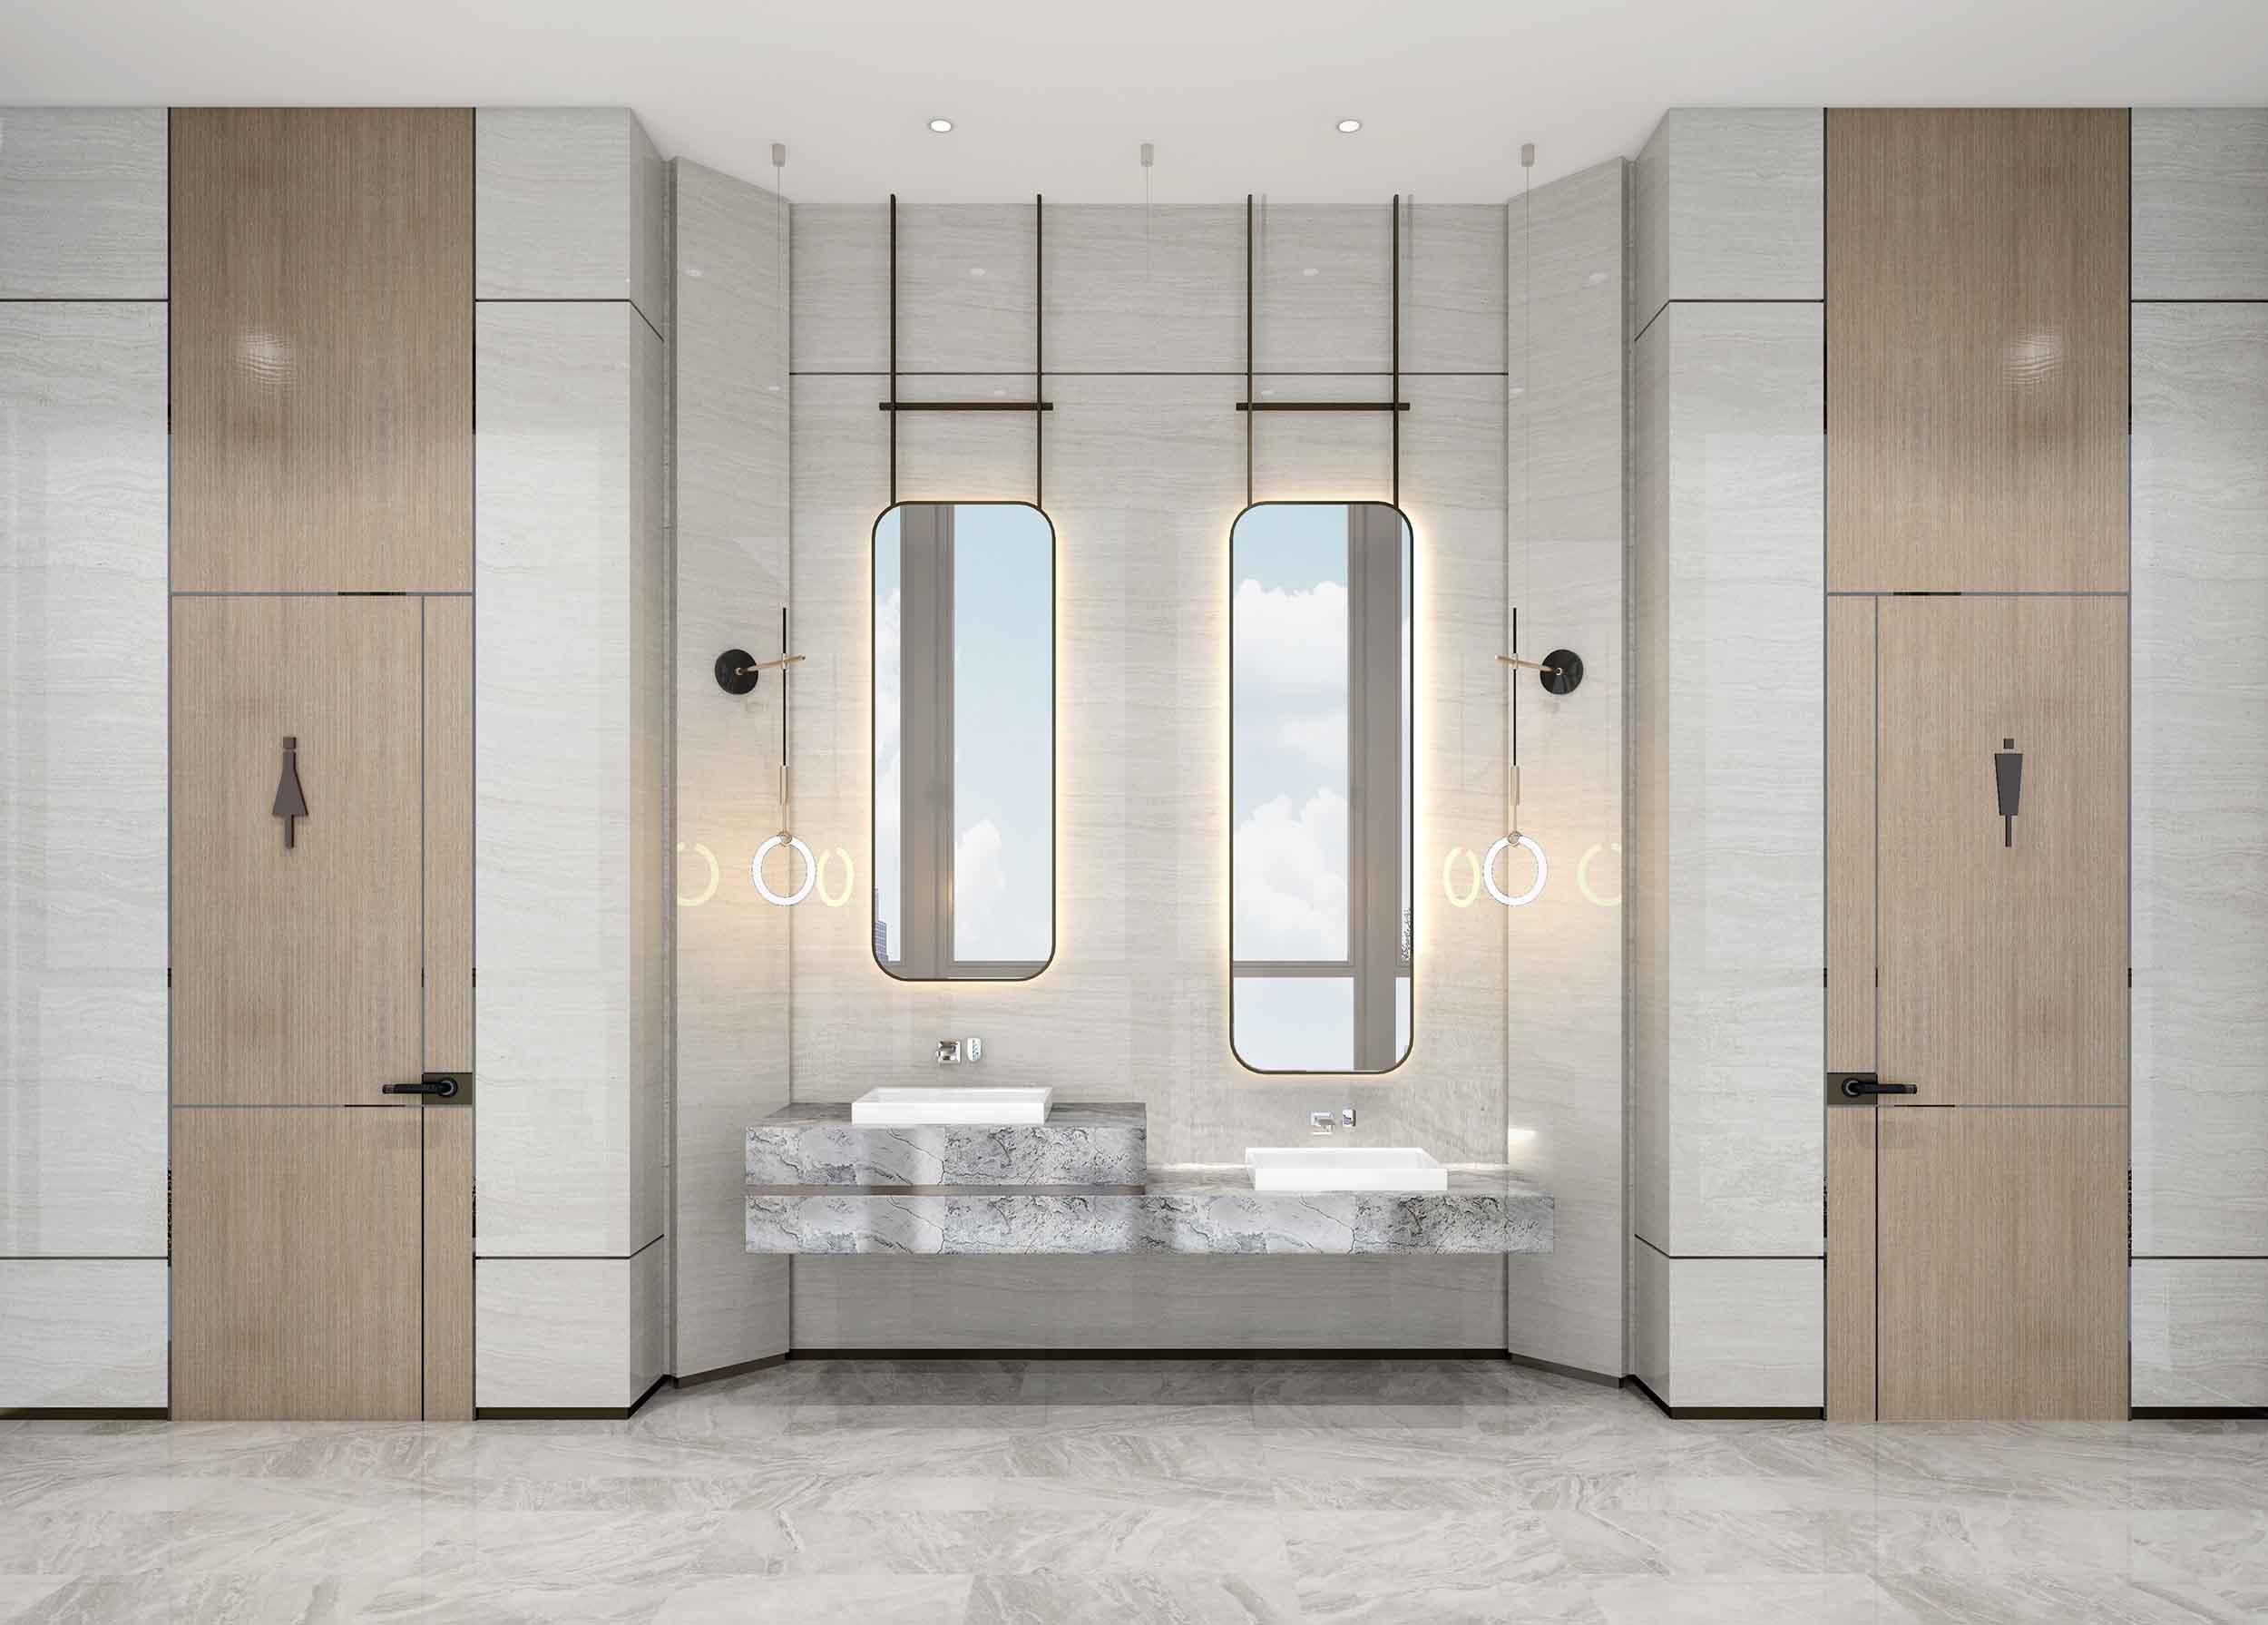 售楼处设计,售楼处软装,售楼处软装设计公司,售楼部软装公司